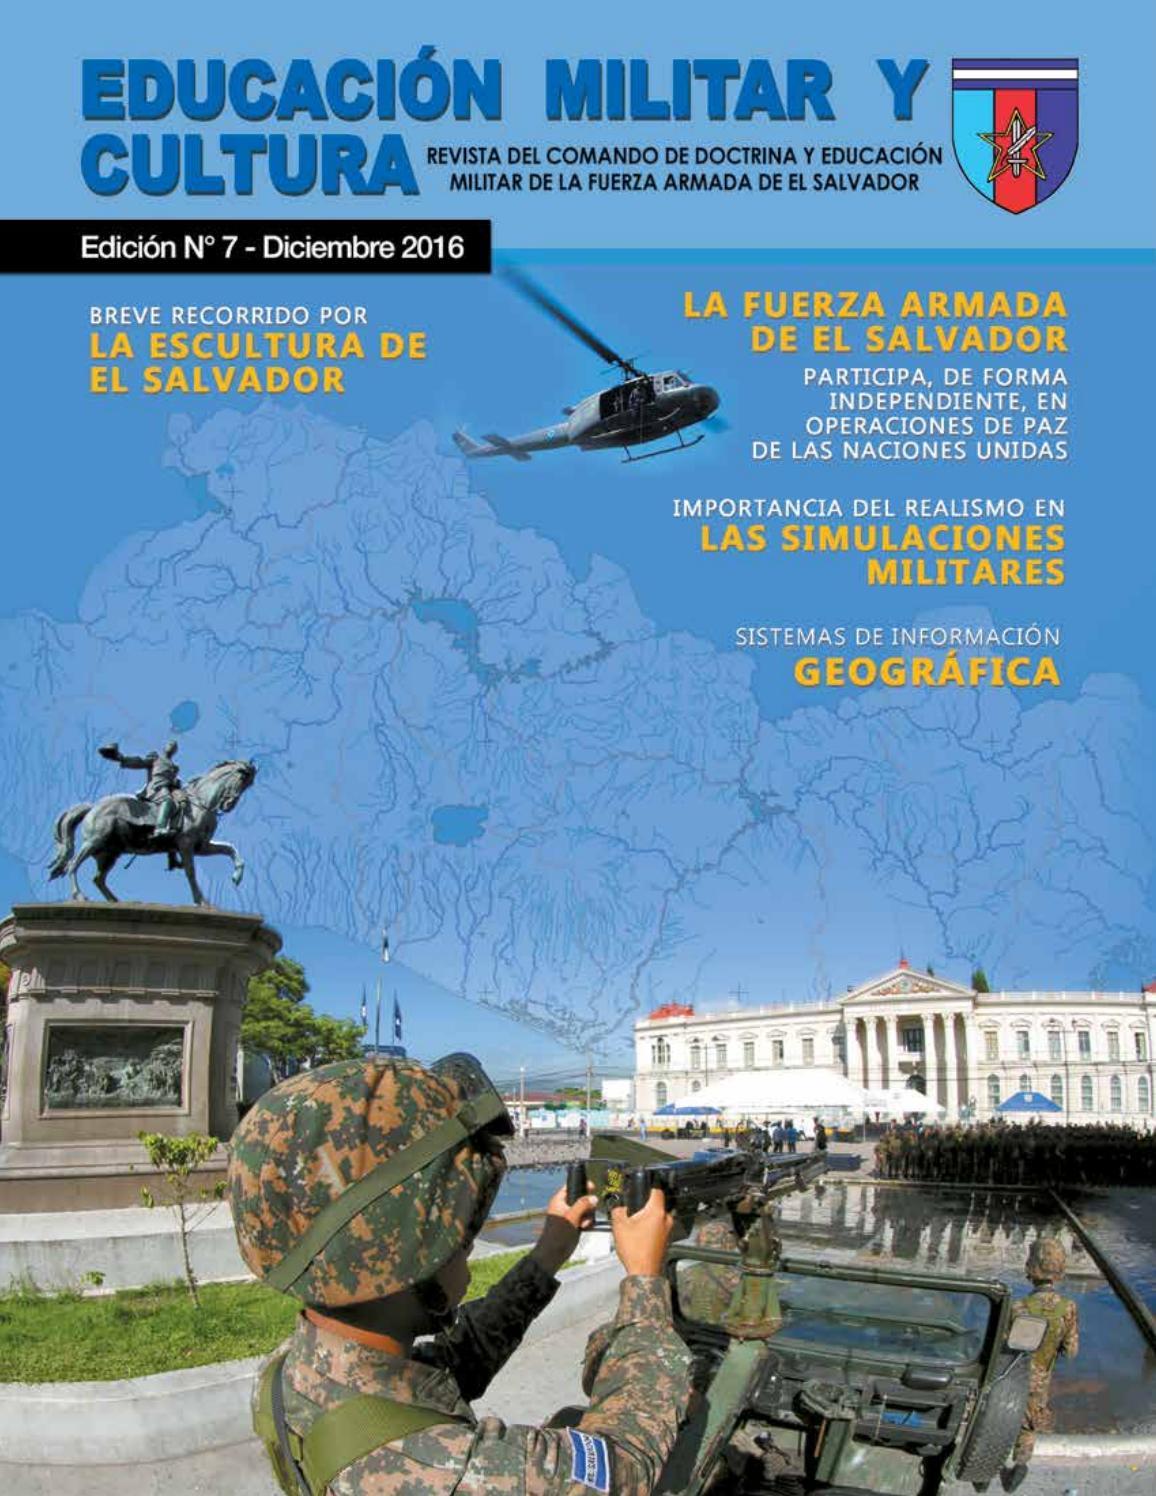 Educación militar y cultura Edición N°7 by jose Cruz - issuu